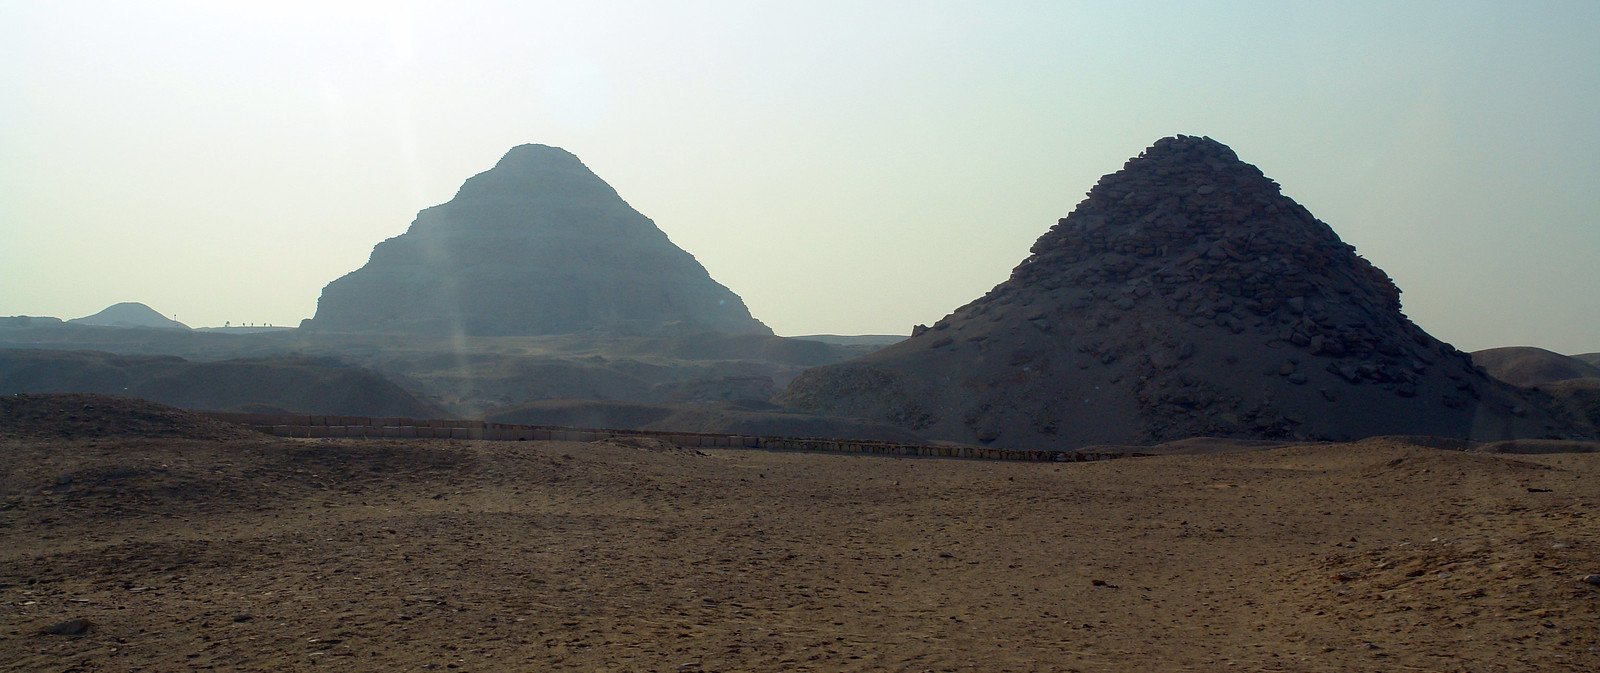 Qué ver en El Cairo, Egipto lugares que visitar en el cairo - 39184099990 feb8f348e0 h - 10+1 lugares que visitar en El Cairo